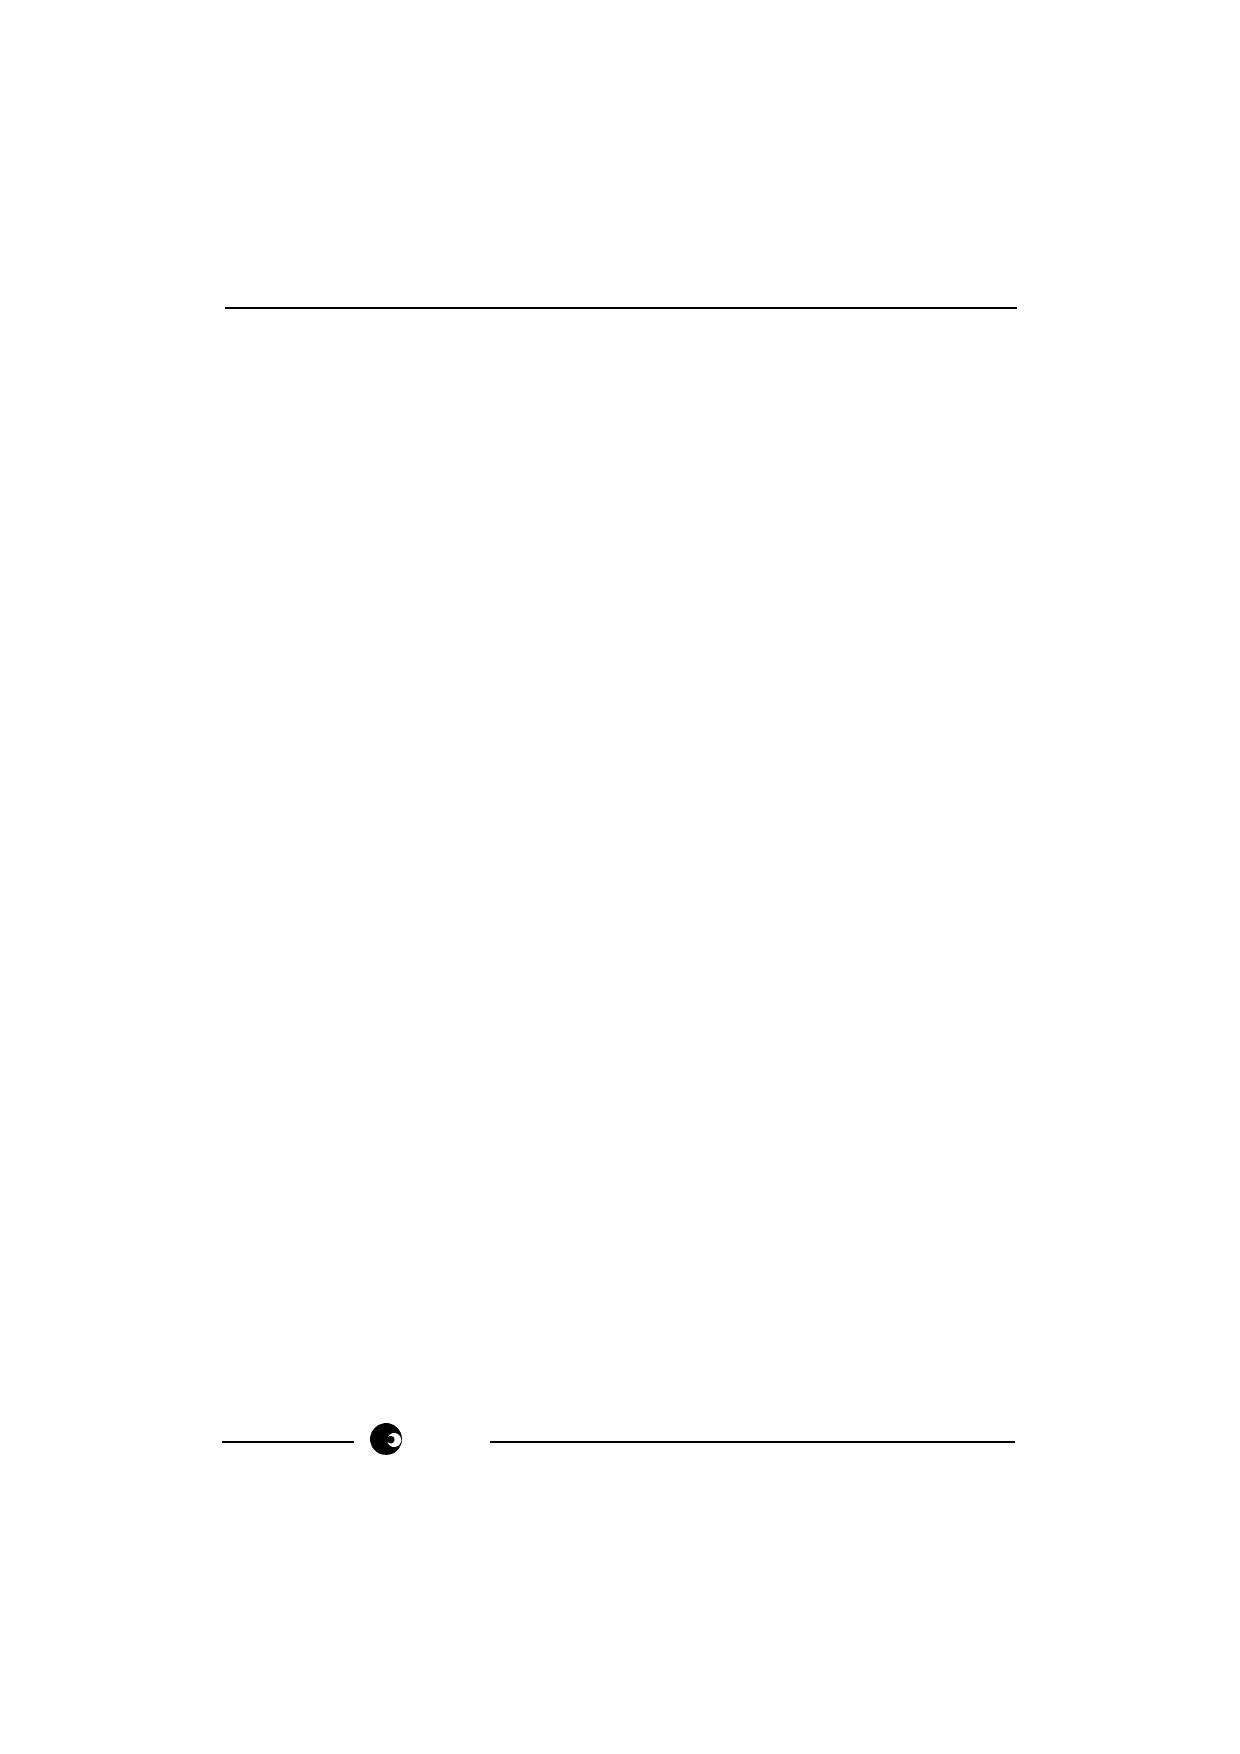 SA9602HSA pdf